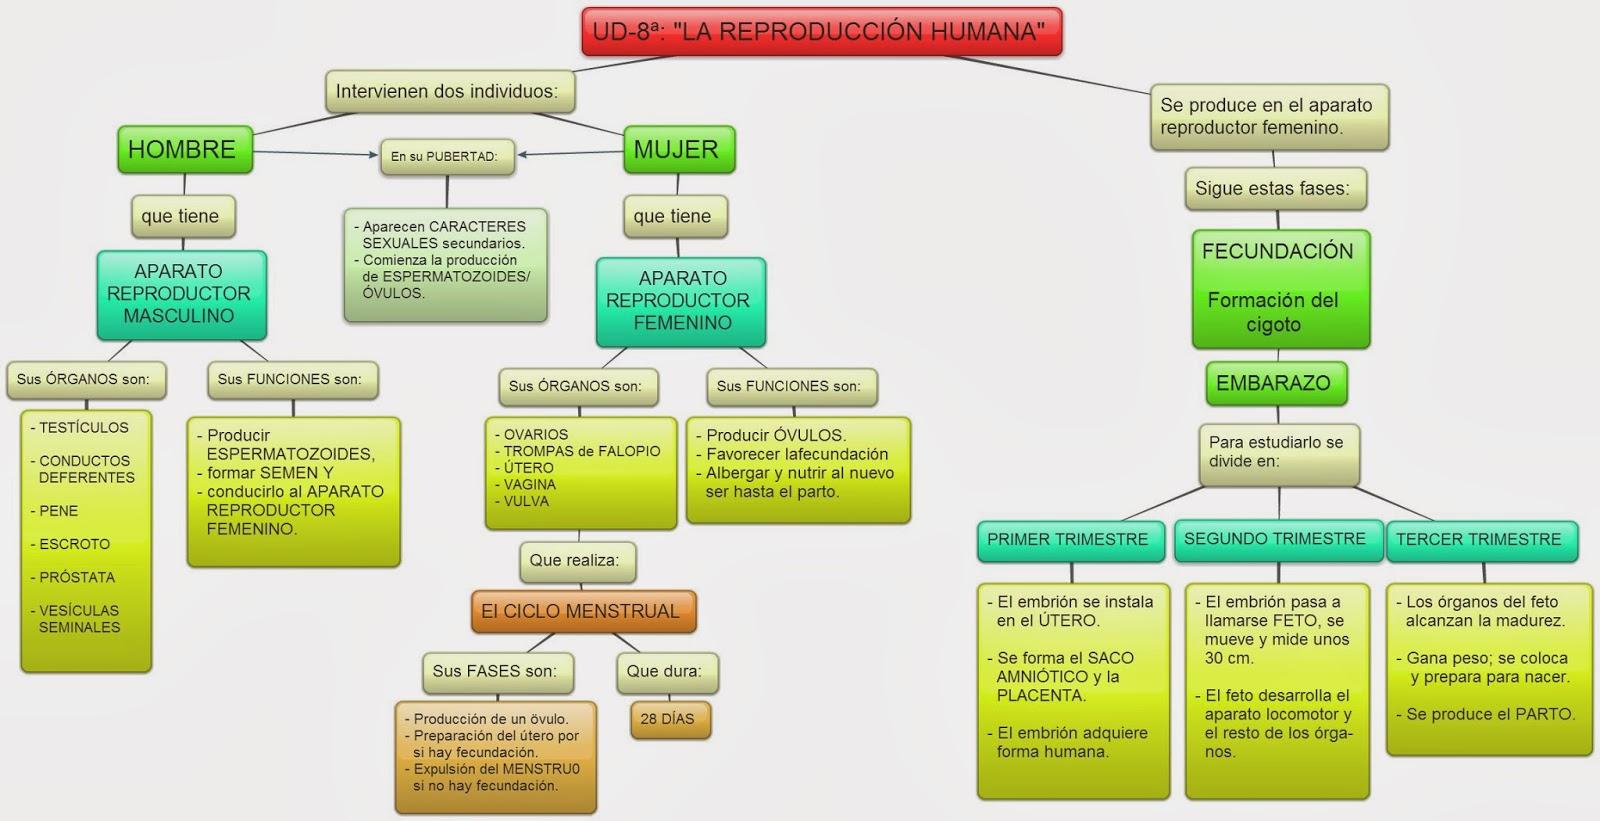 AULA6HERENCIA: CONOCIMIENTO DEL MEDIO UD-8ª: \